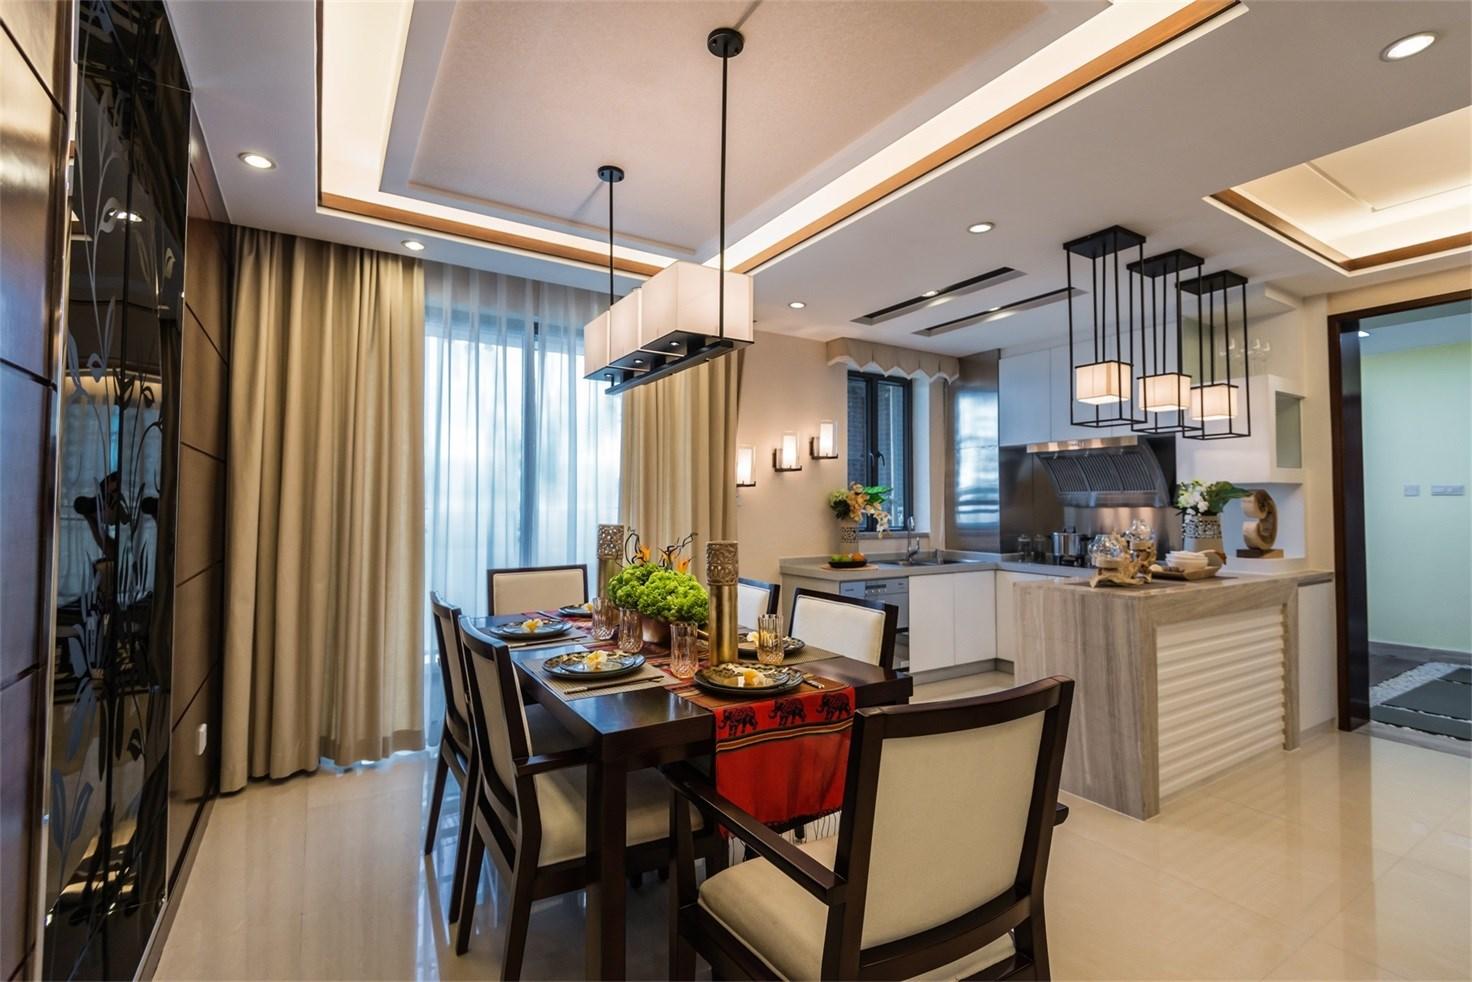 餐厅白色灯笼式的吊顶与主题也很相符,厨房和餐厅间隔看起来也很雅致,也充满了品质的气息